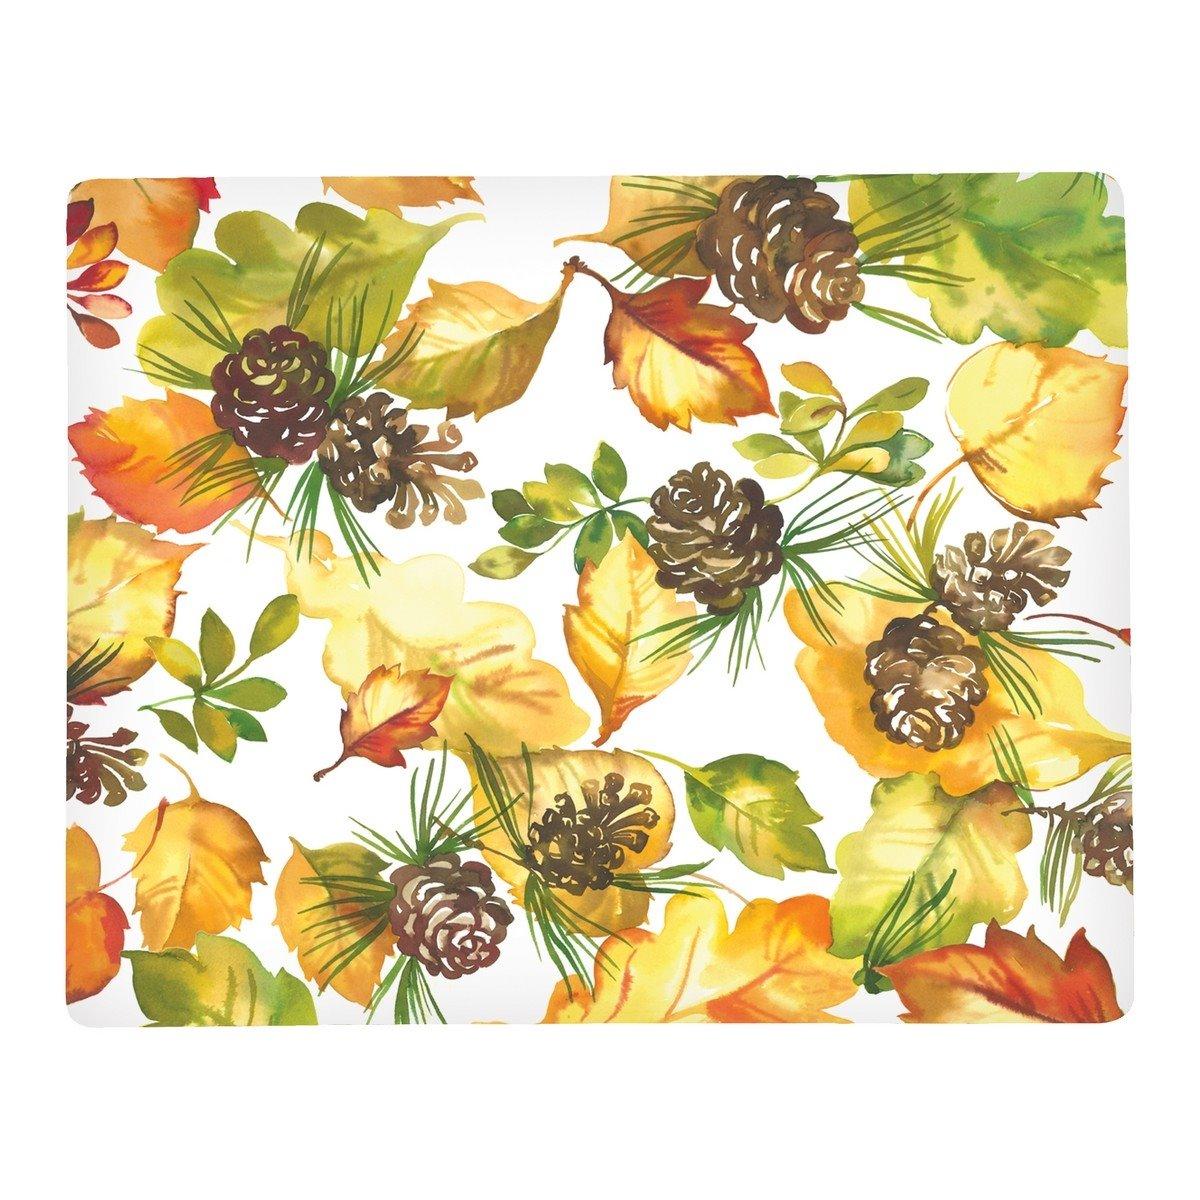 Fall Leaves Rectangular Hardboard Placemat